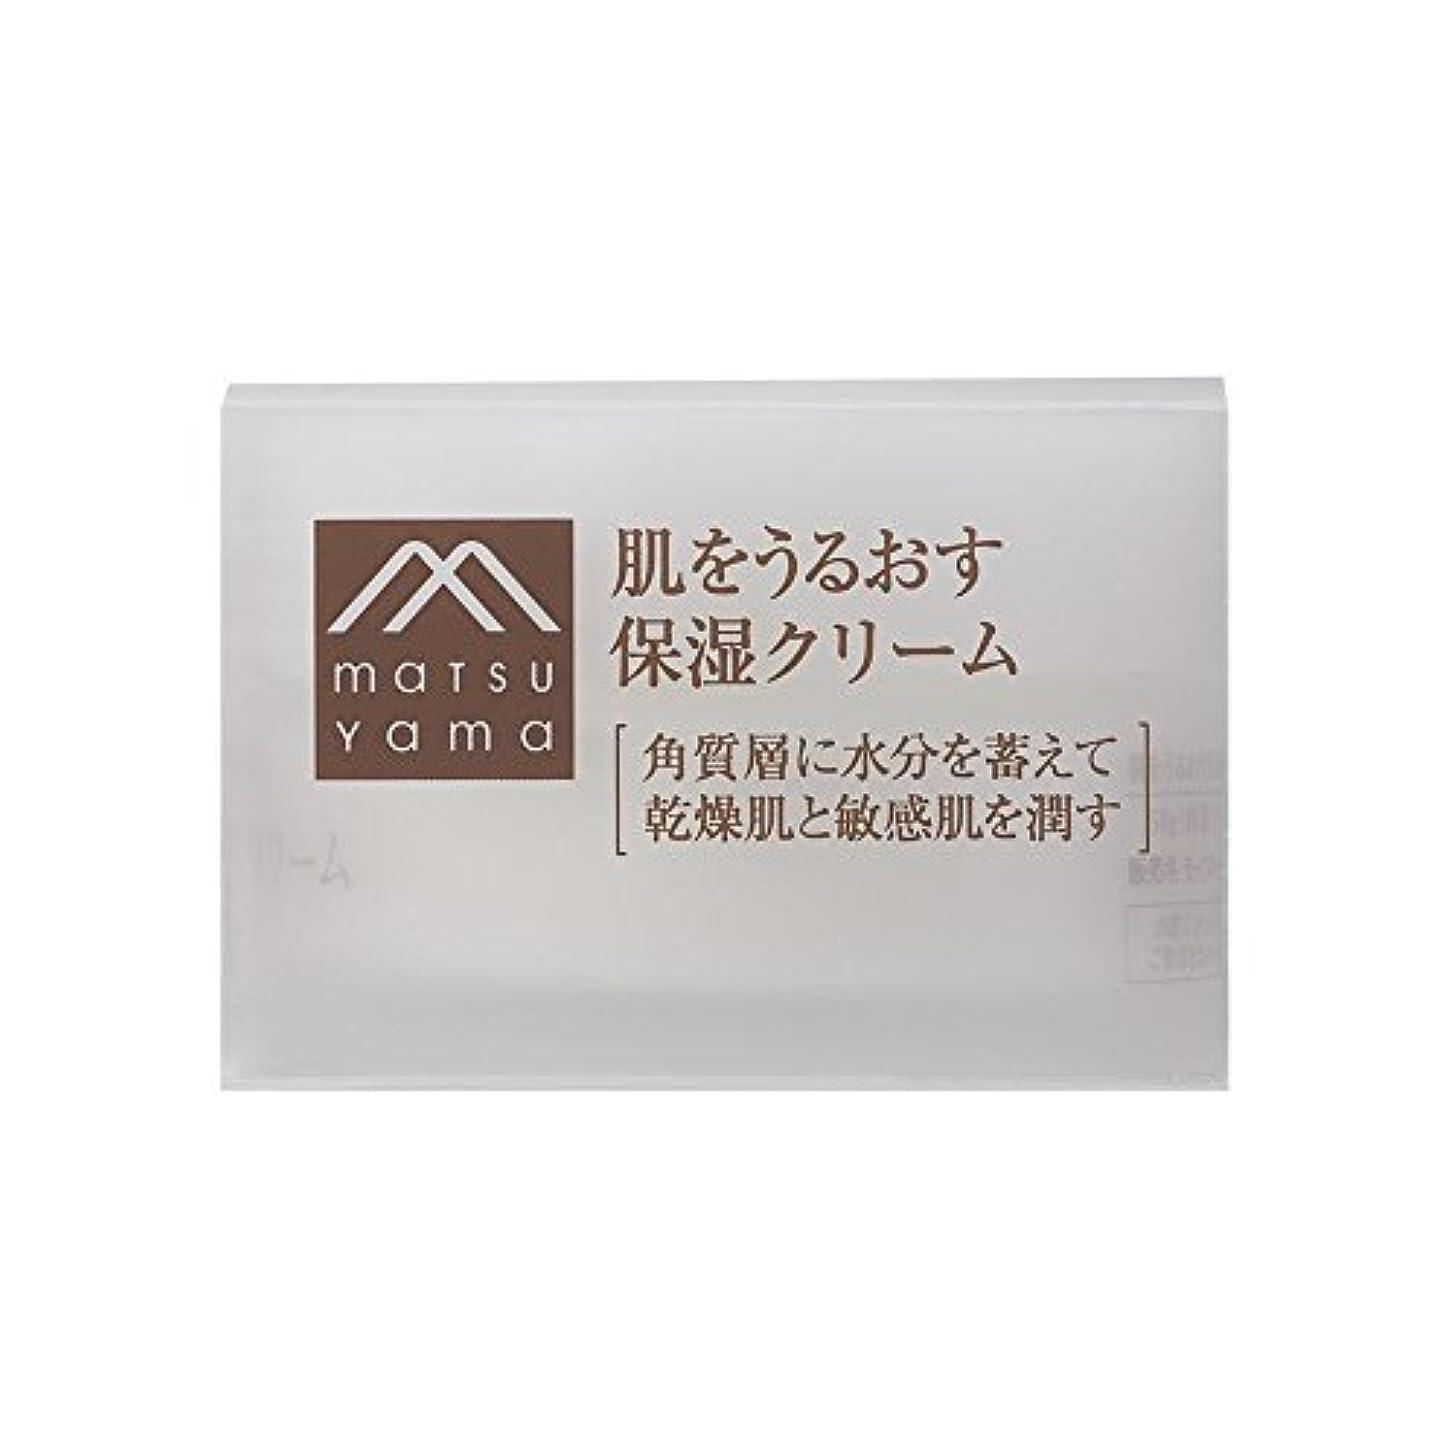 ライセンスキャンディーレンダー肌をうるおす保湿クリーム(クリーム) 濃厚クリーム [乾燥肌 敏感肌]